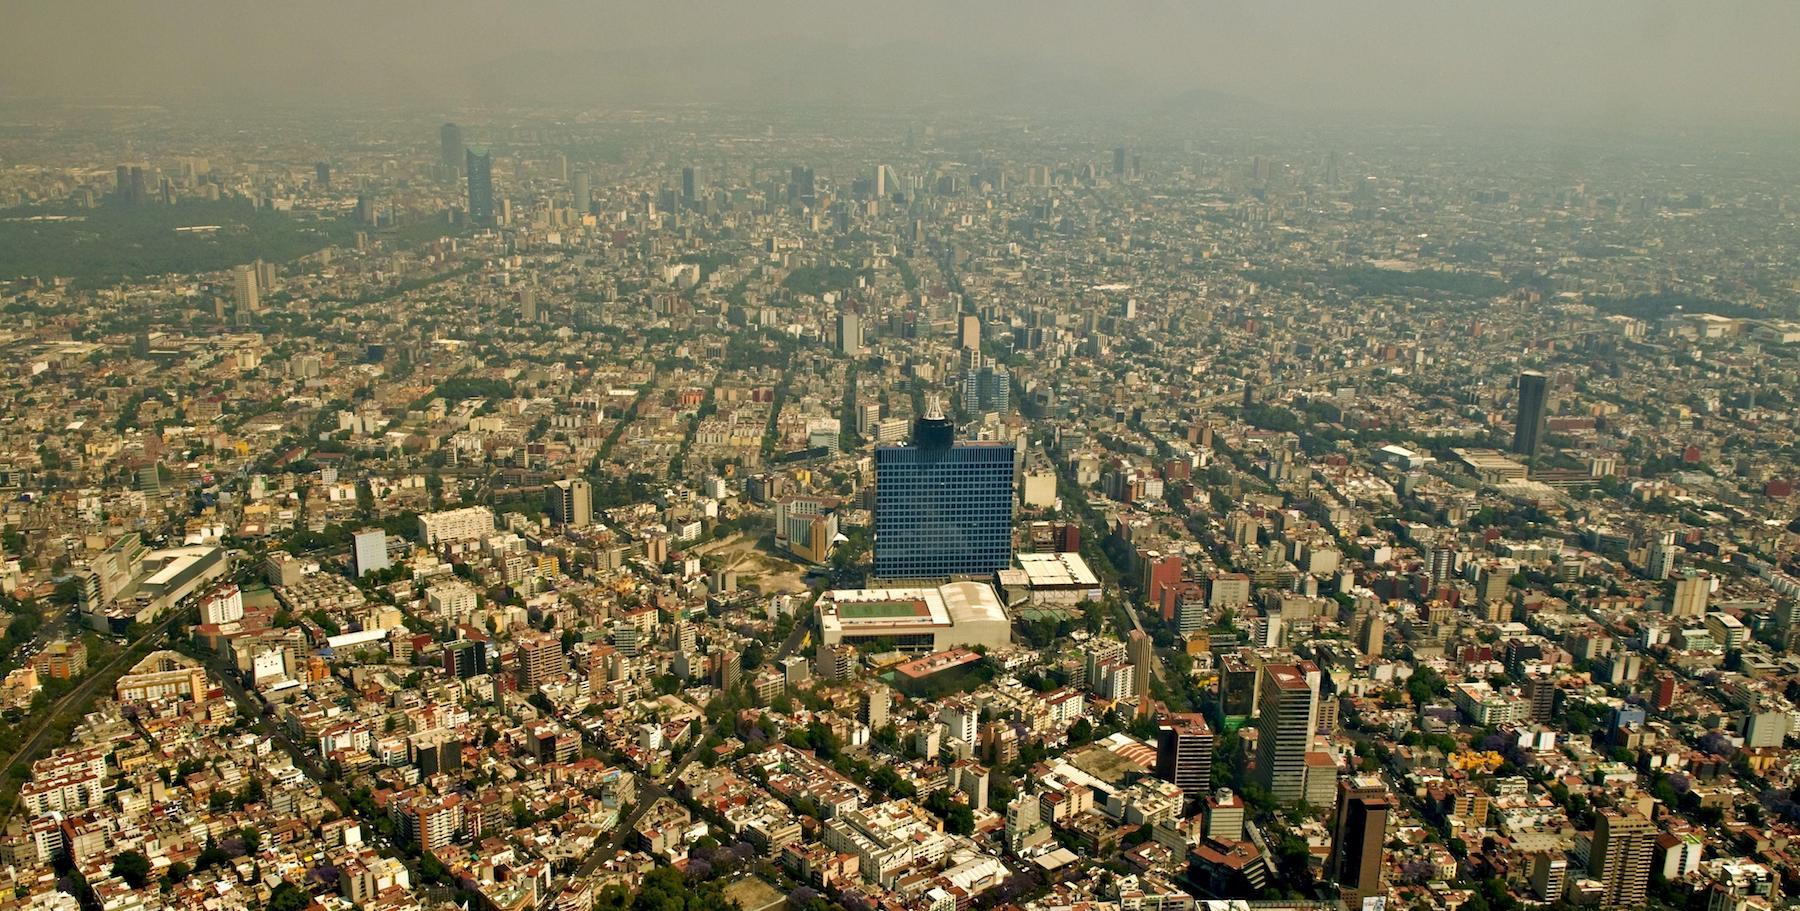 Mexico DF aerea view